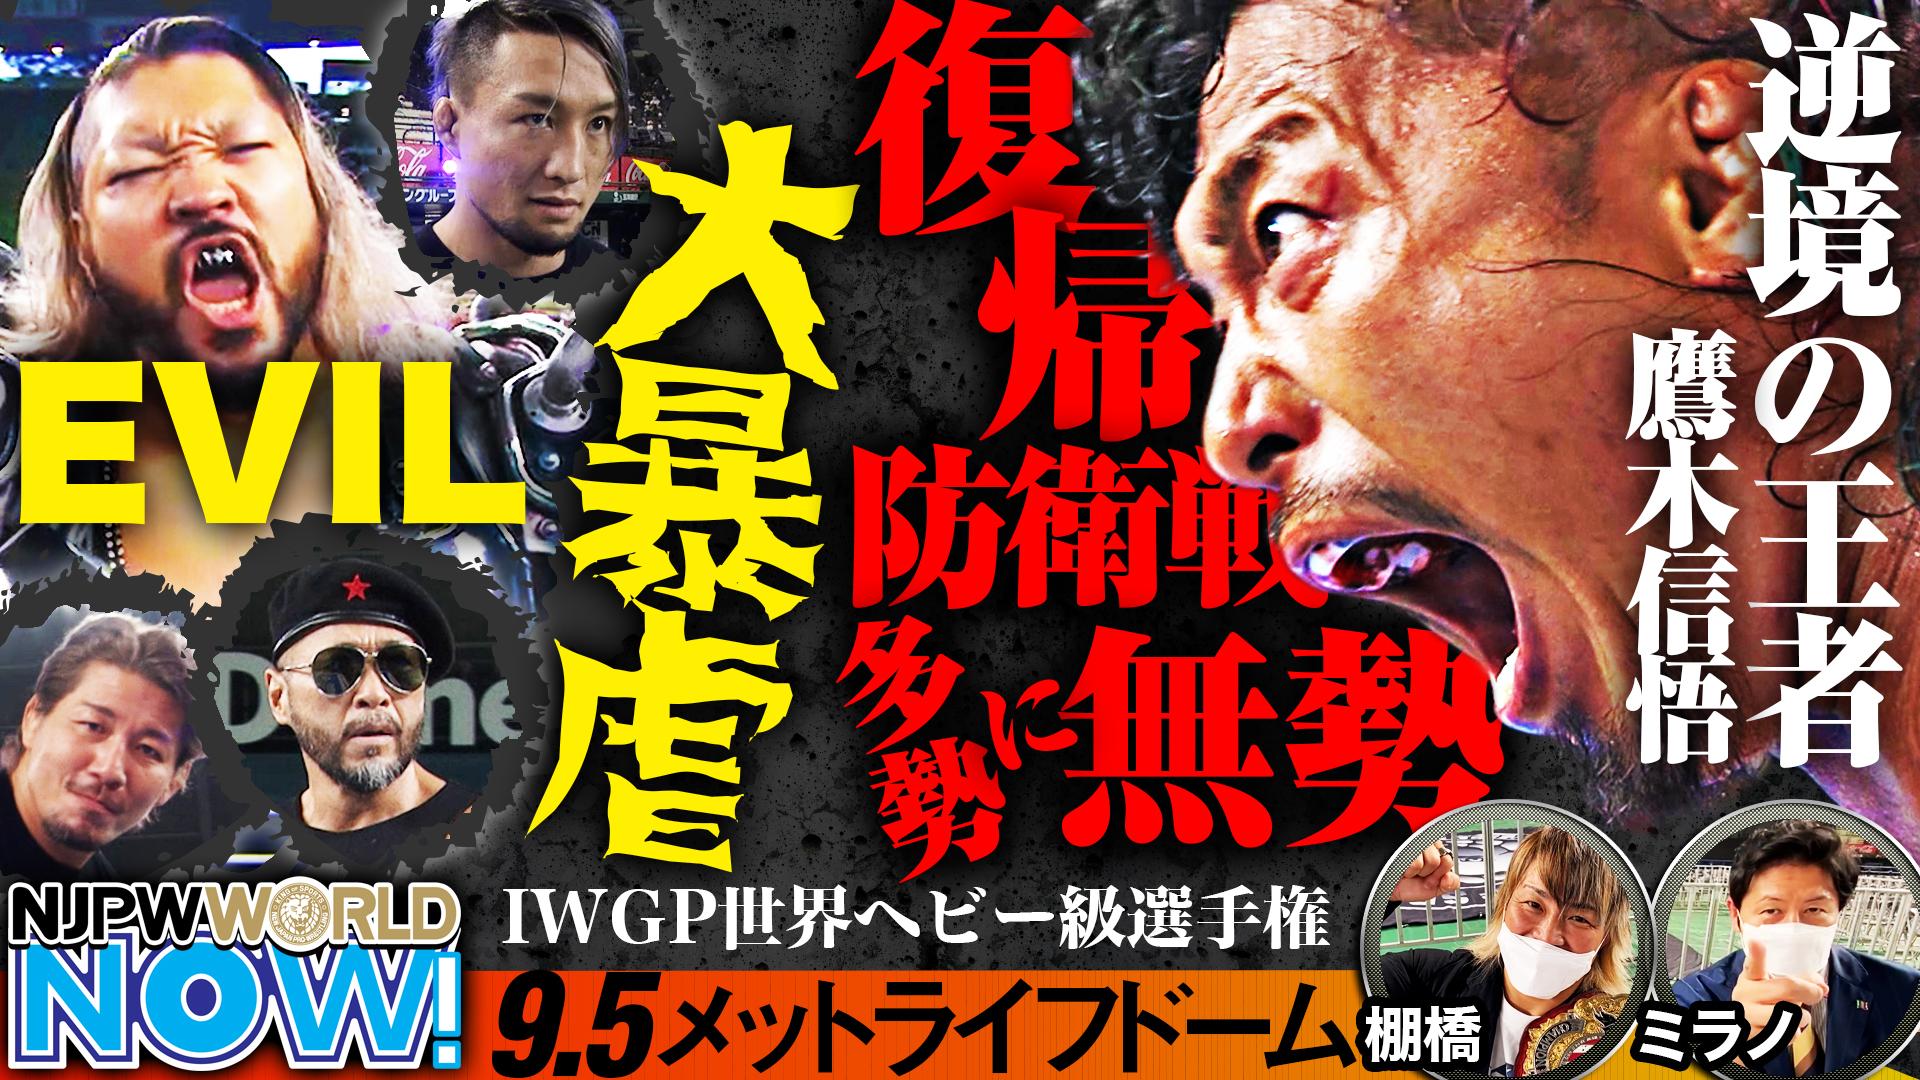 【IWGP世界ヘビー戦】メットライフドーム大会2日目を棚橋&ミラノが振り返る❗️